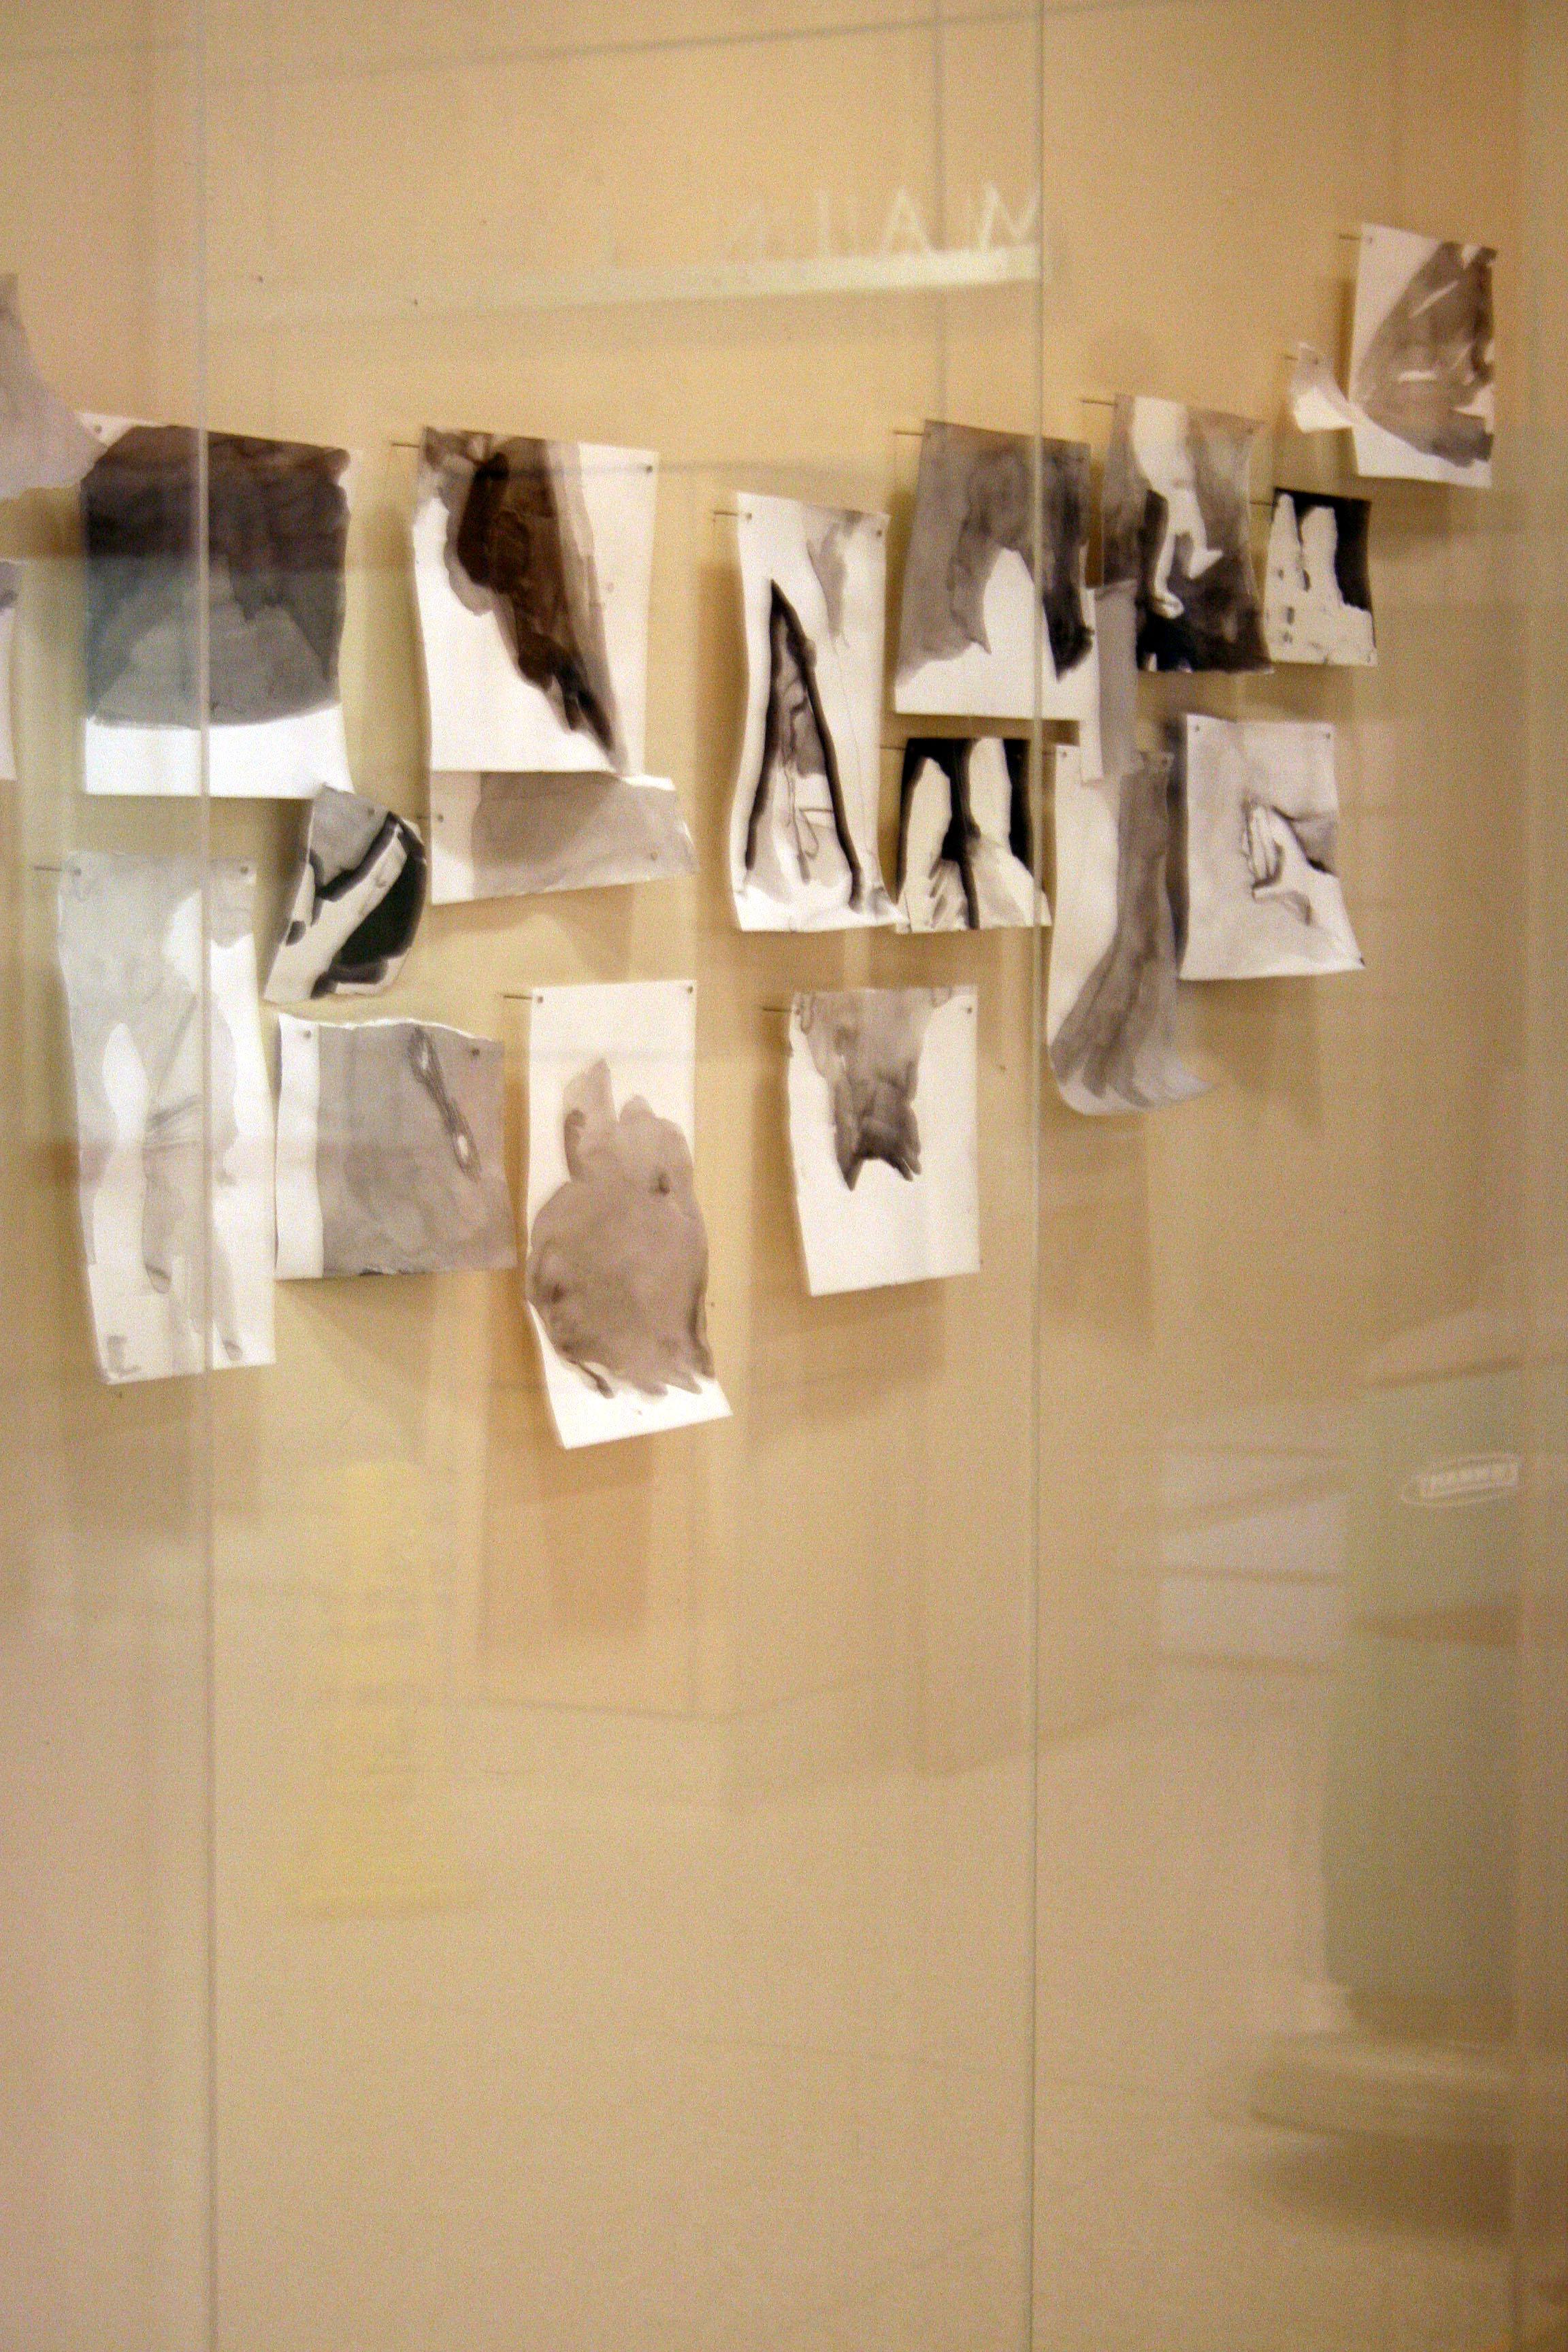 kendall gallery 5.jpg